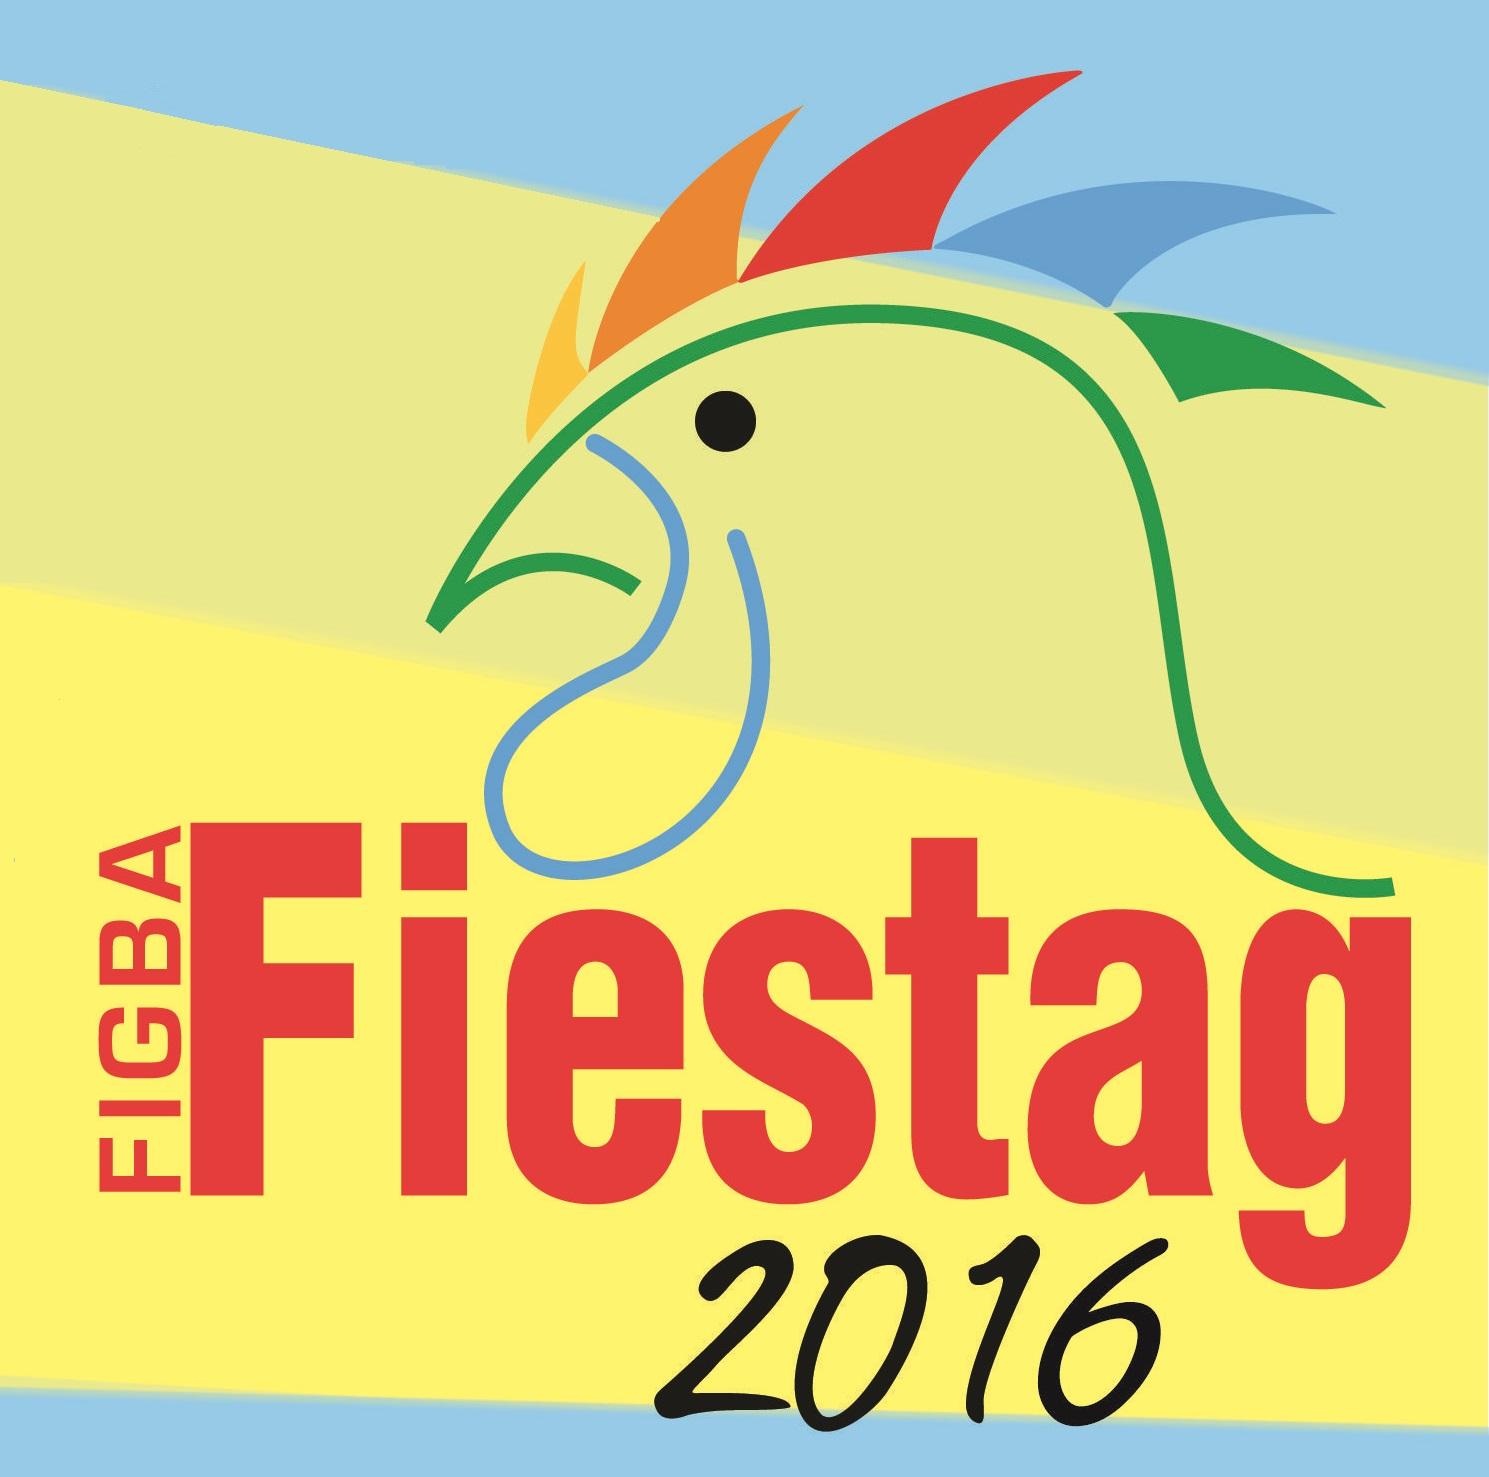 Fiestag 2016